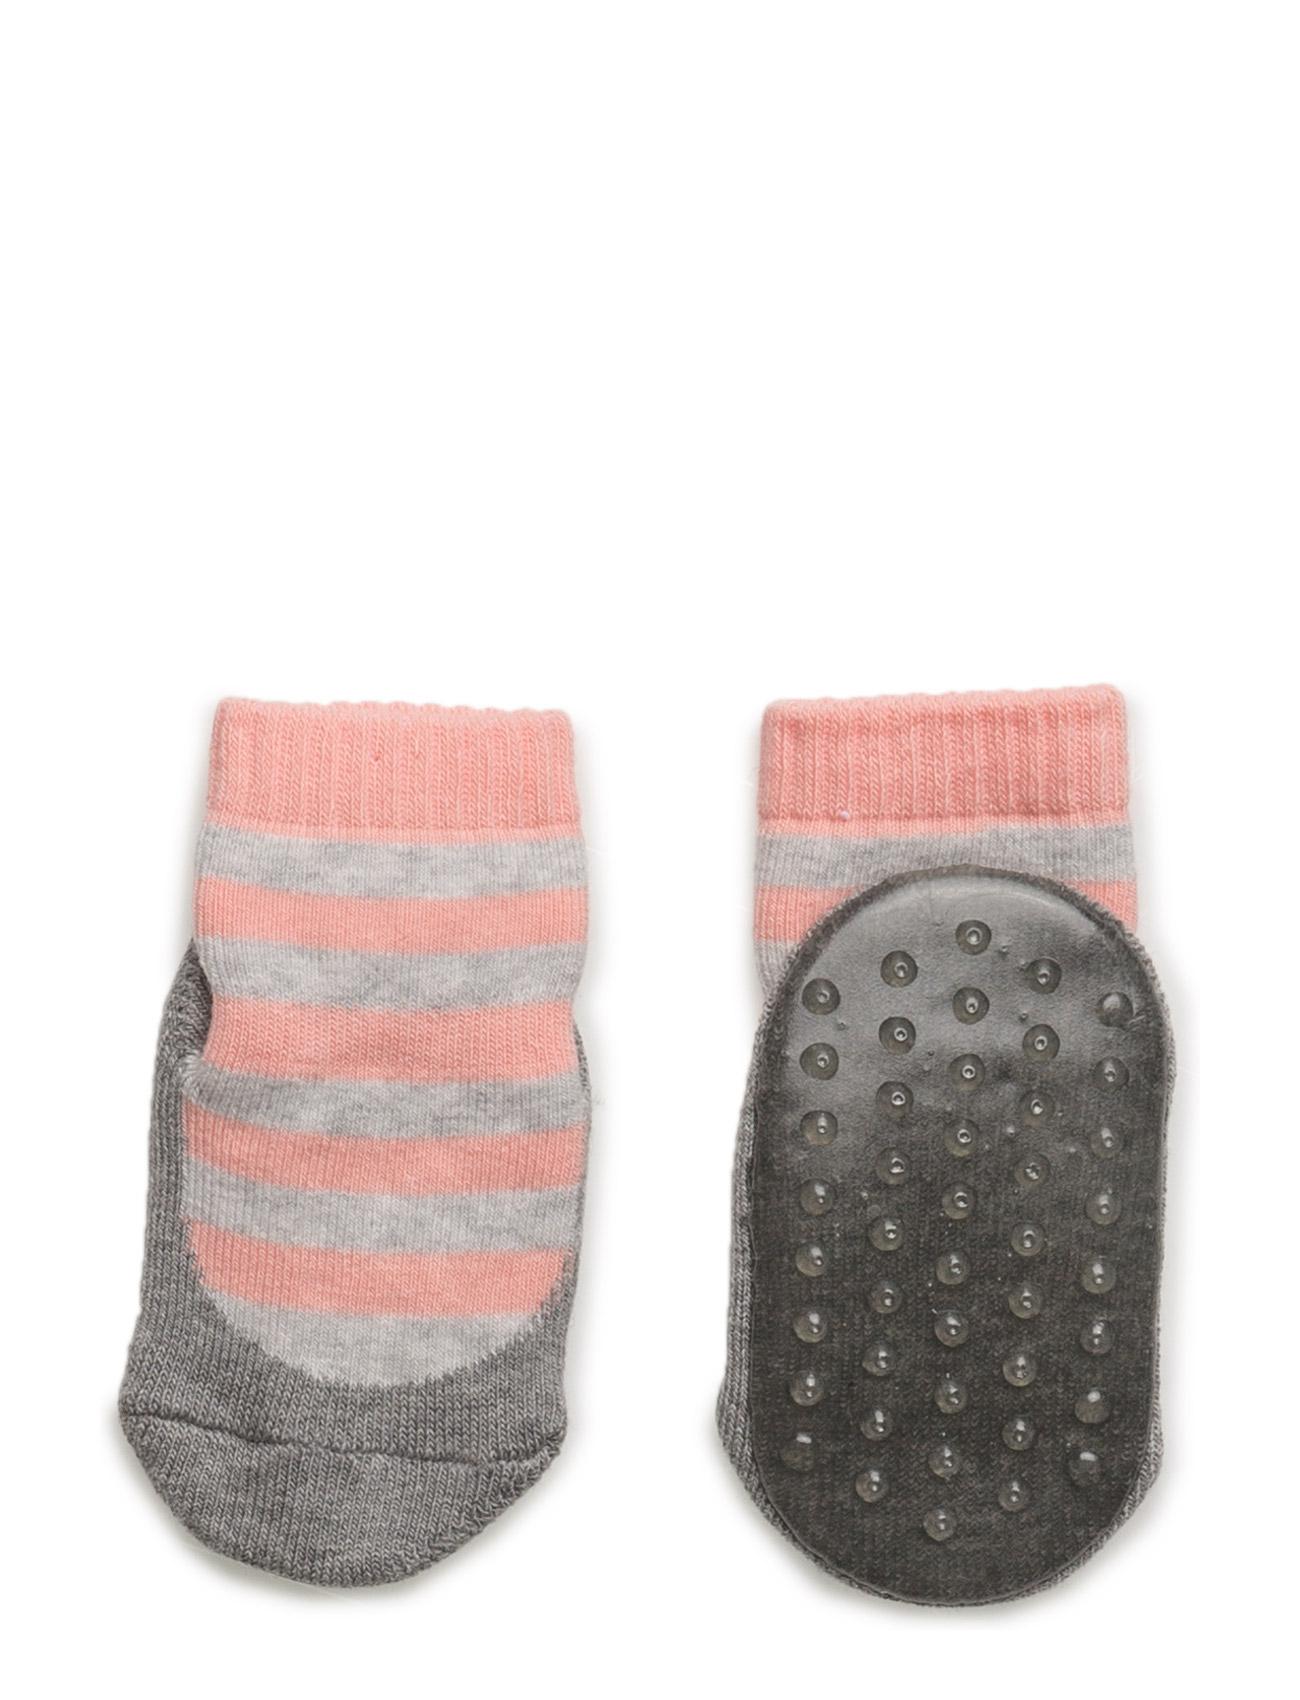 Sock Clio -Terry Slippers Veri mp Denmark Strømper & Strømpebukser til Børn i